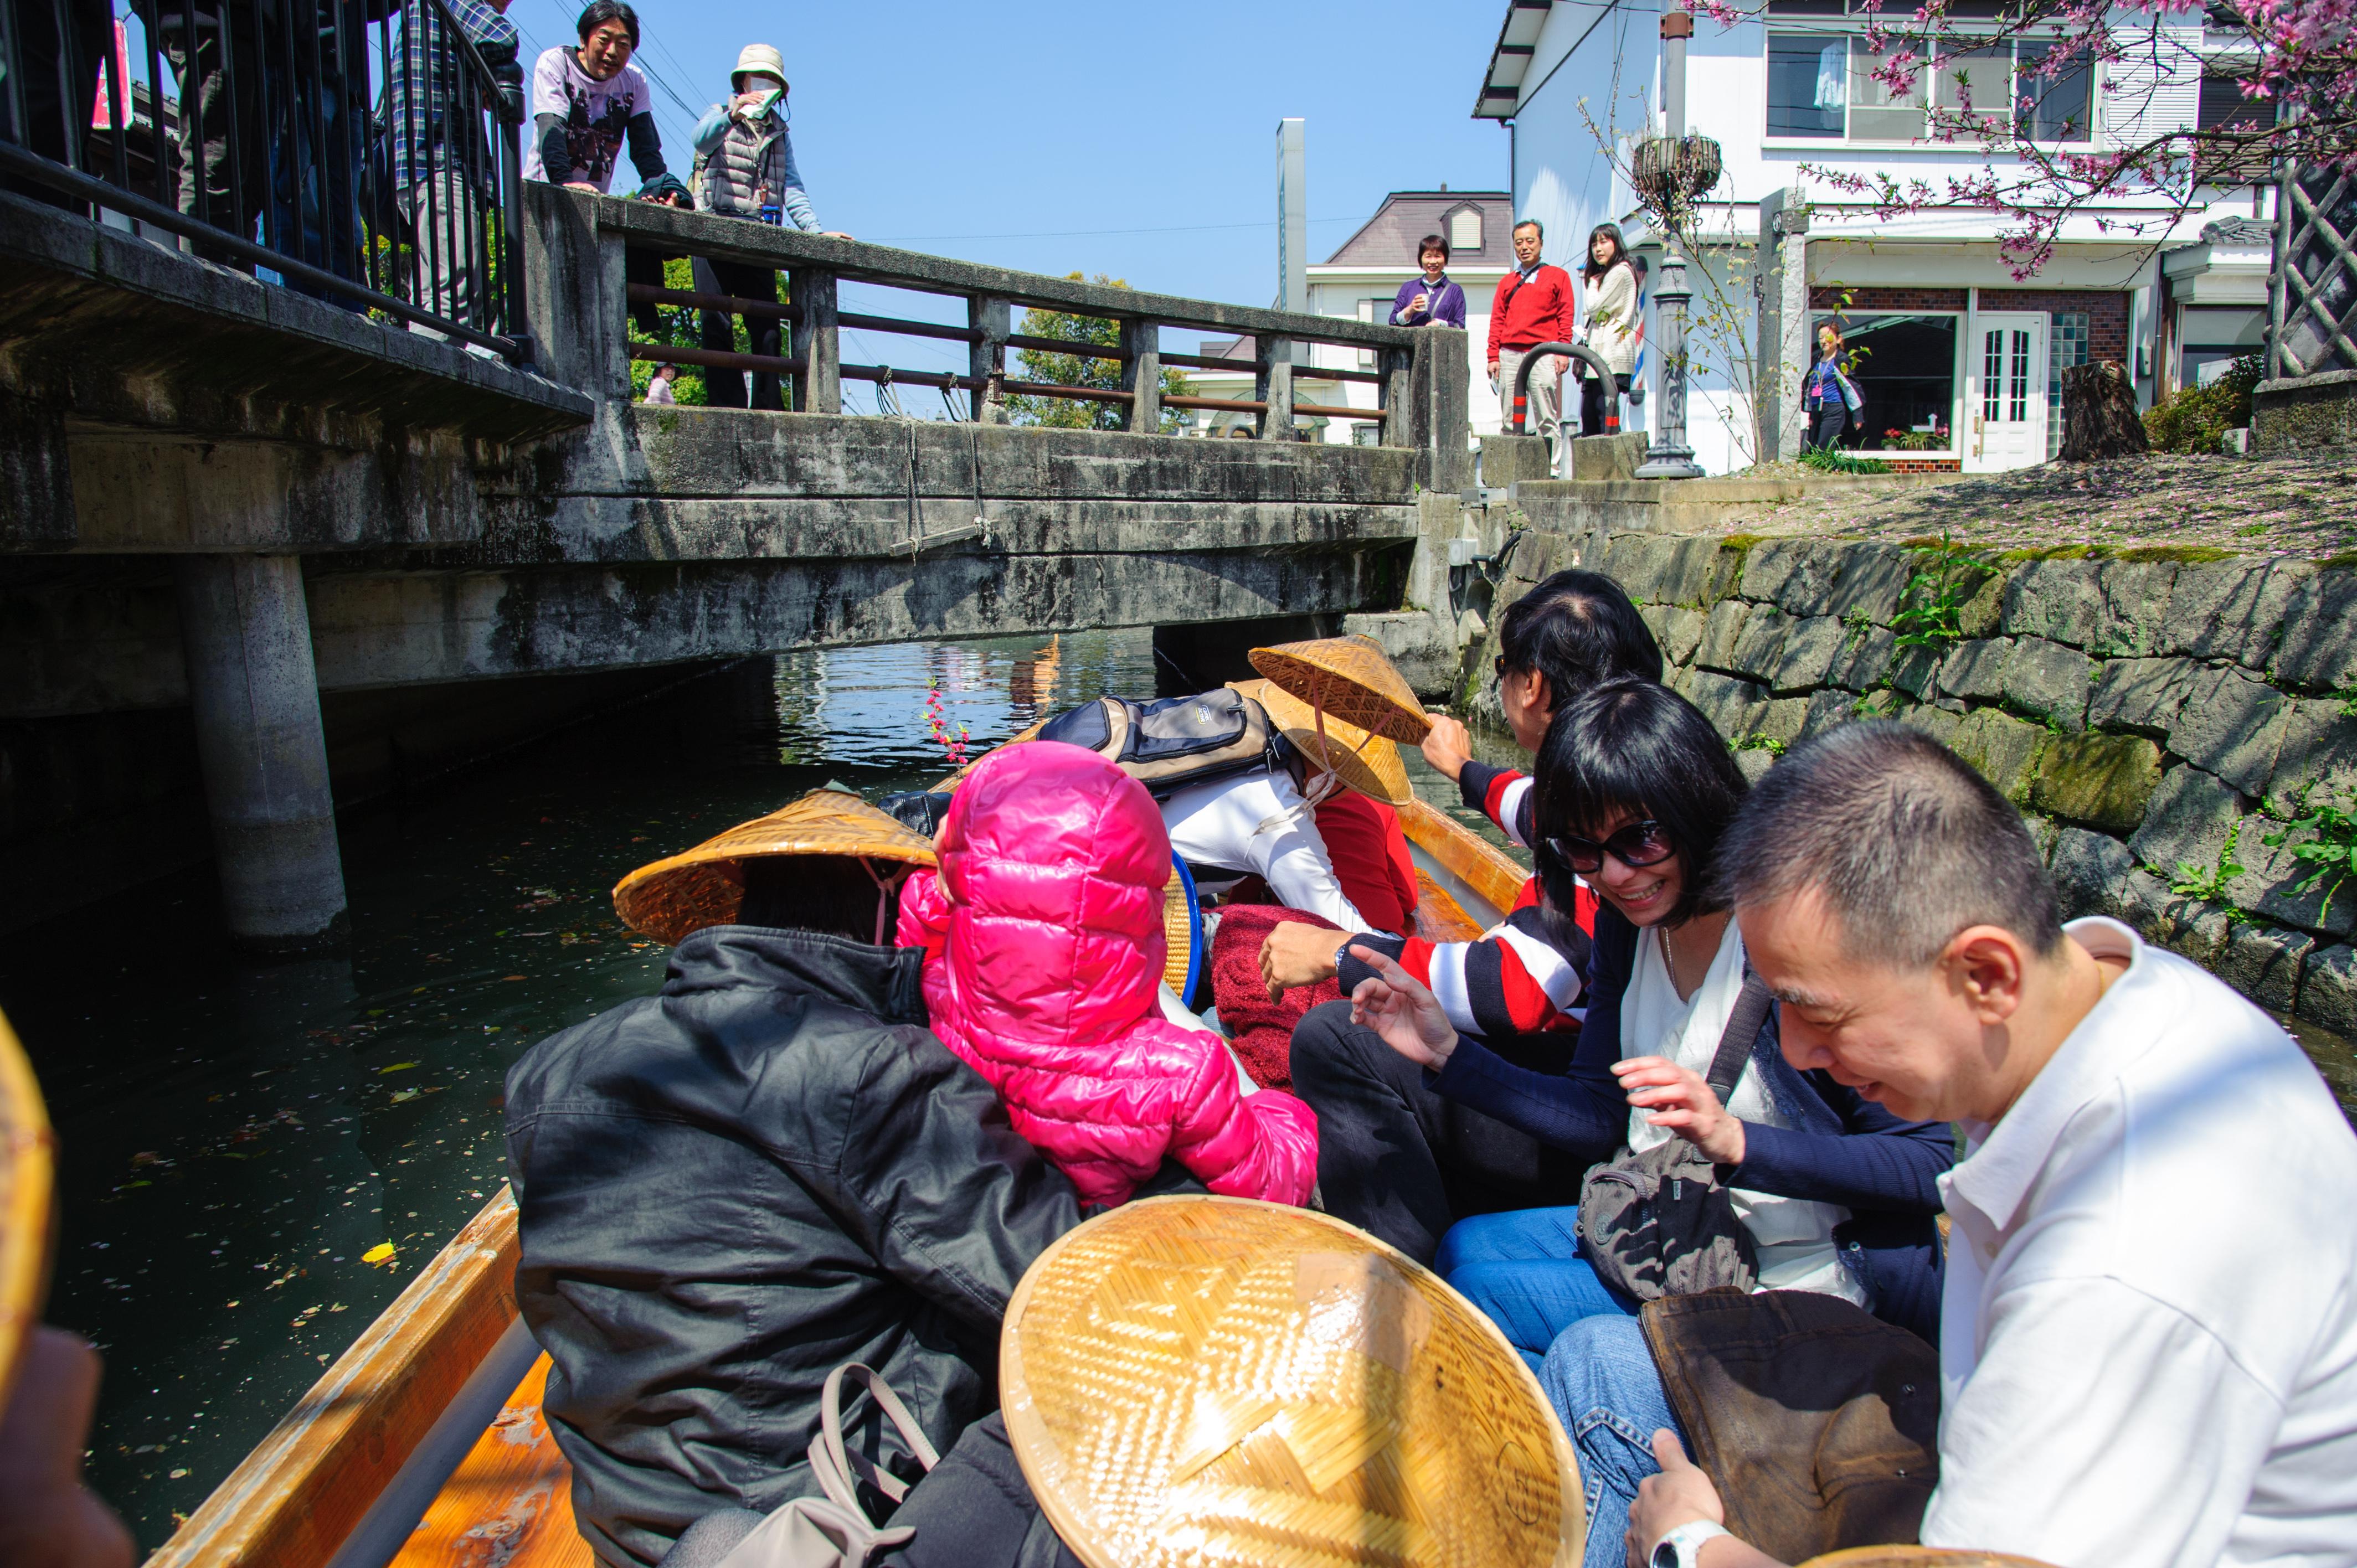 小船经过矮桥,乘客得配合低头才可穿过。